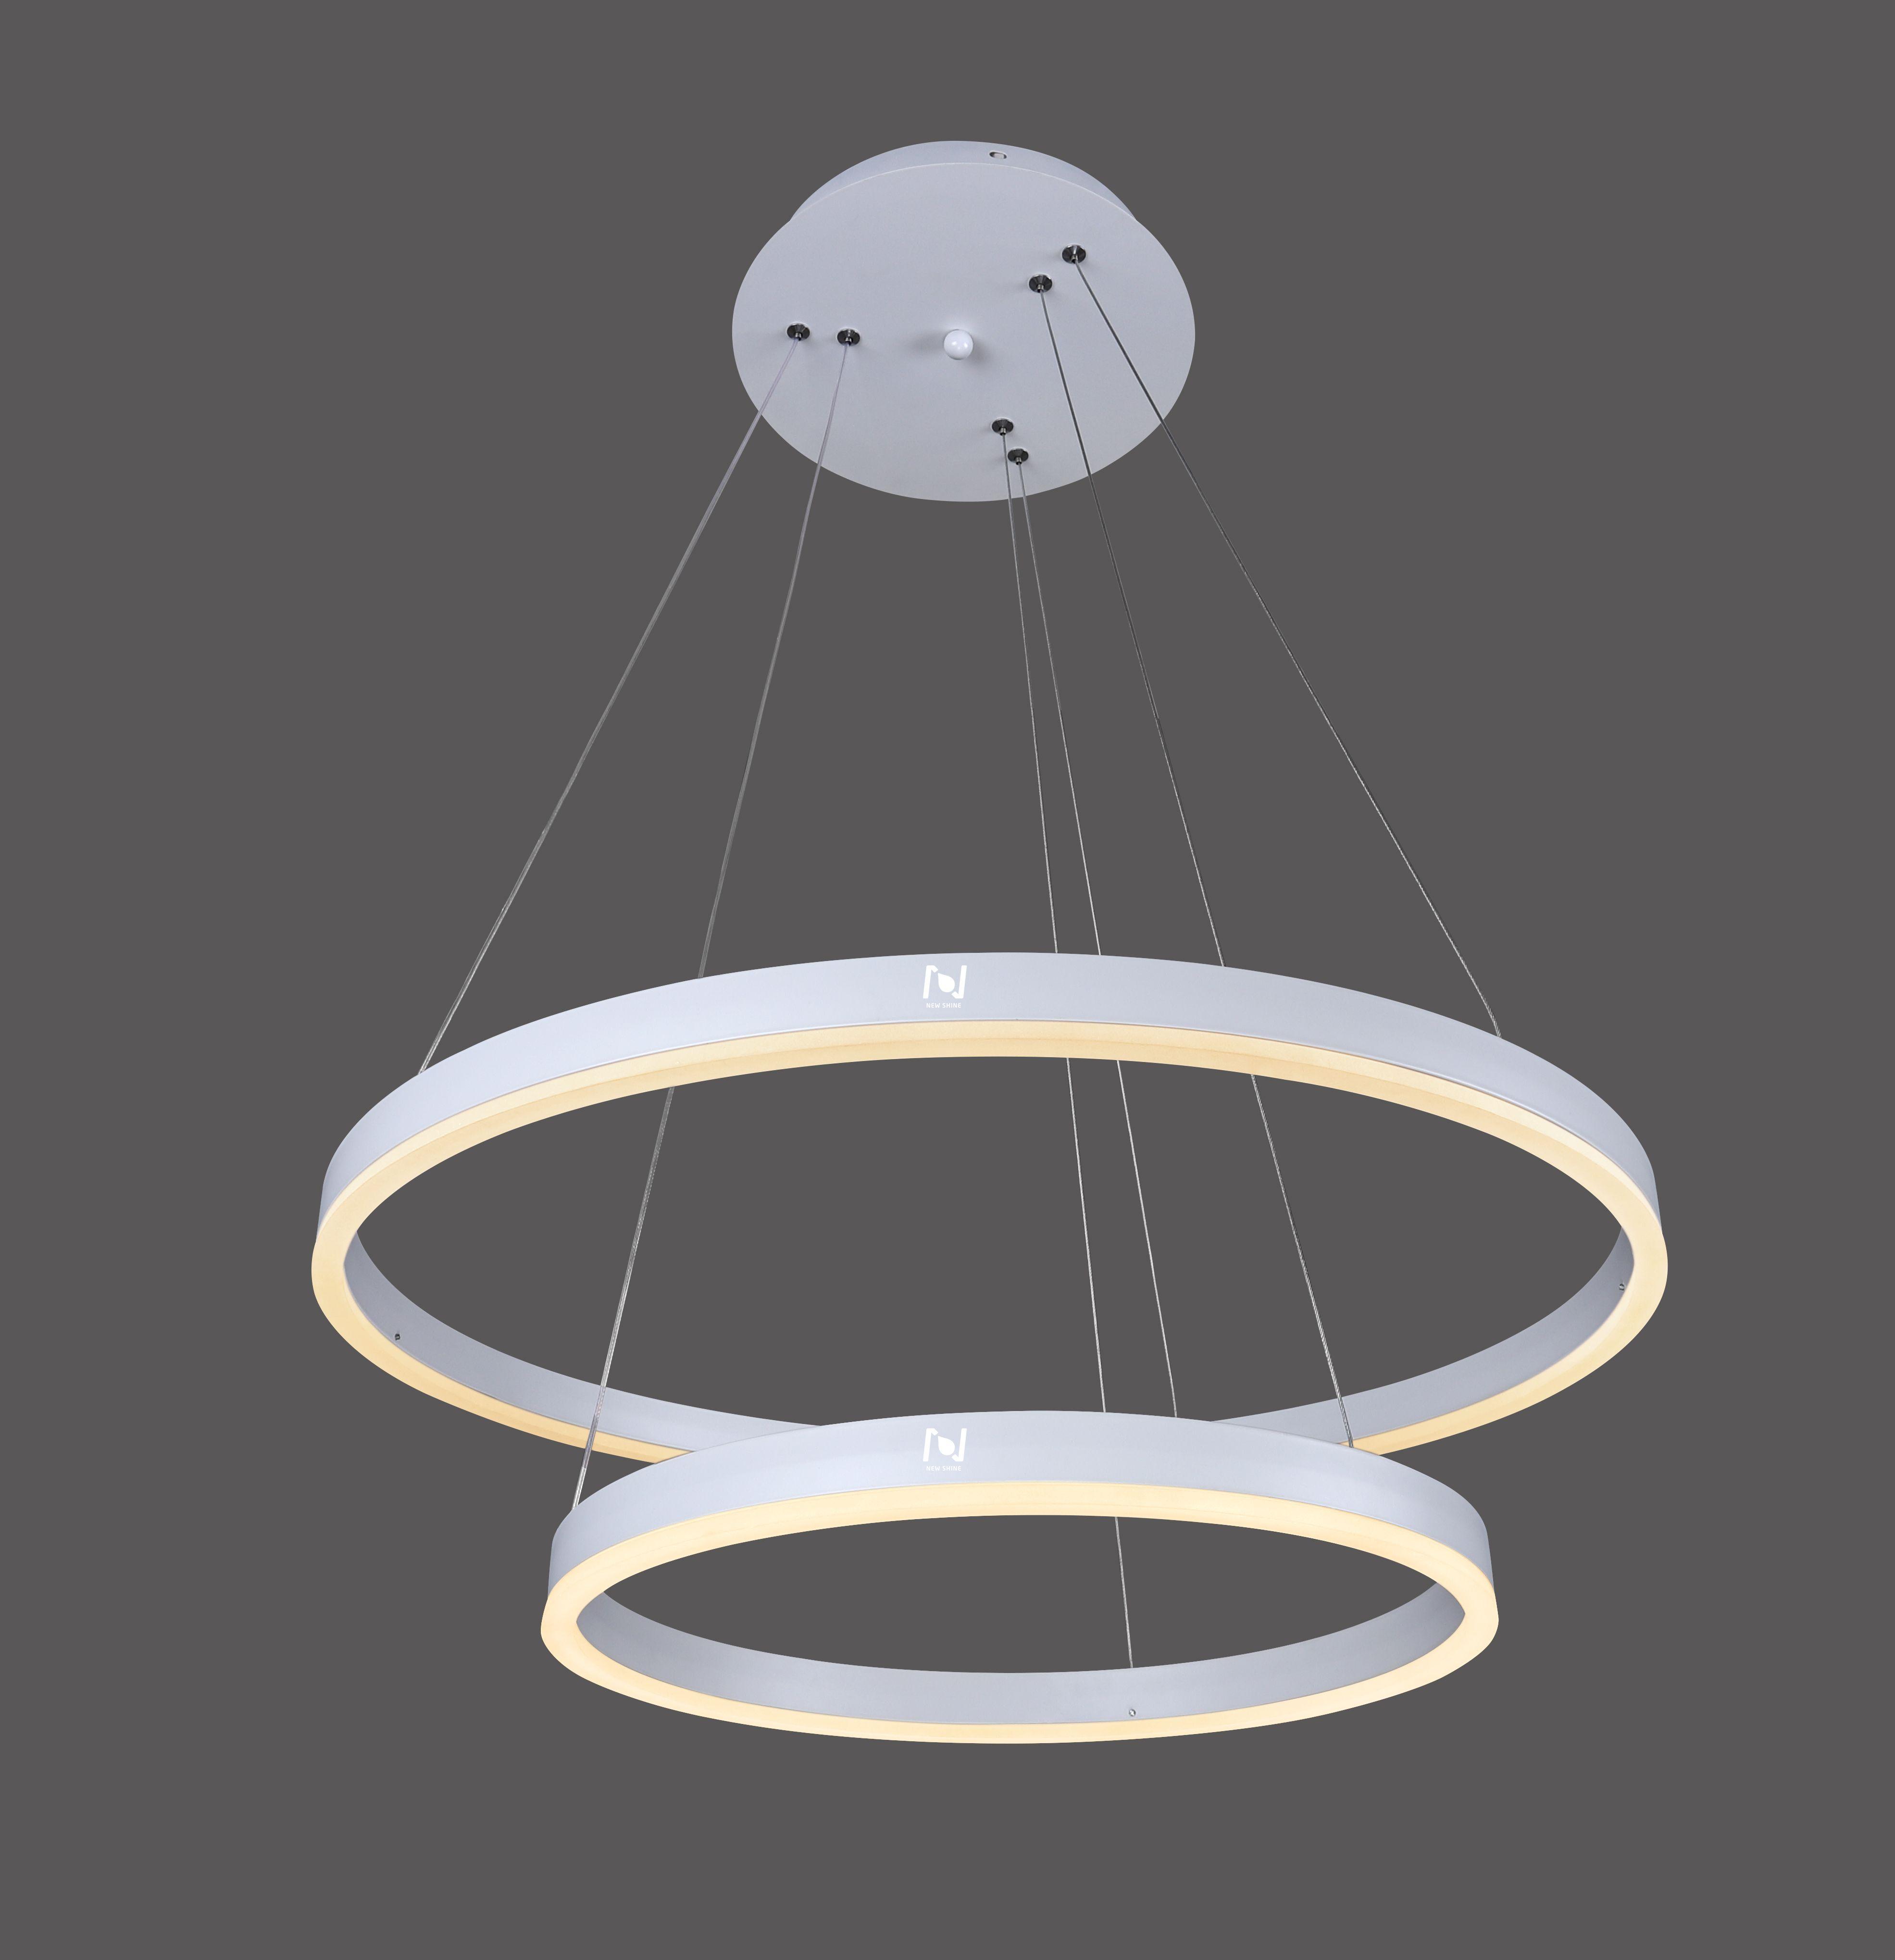 Led Ring Light In 2020 Circle Light Led Ring Light Led Ring